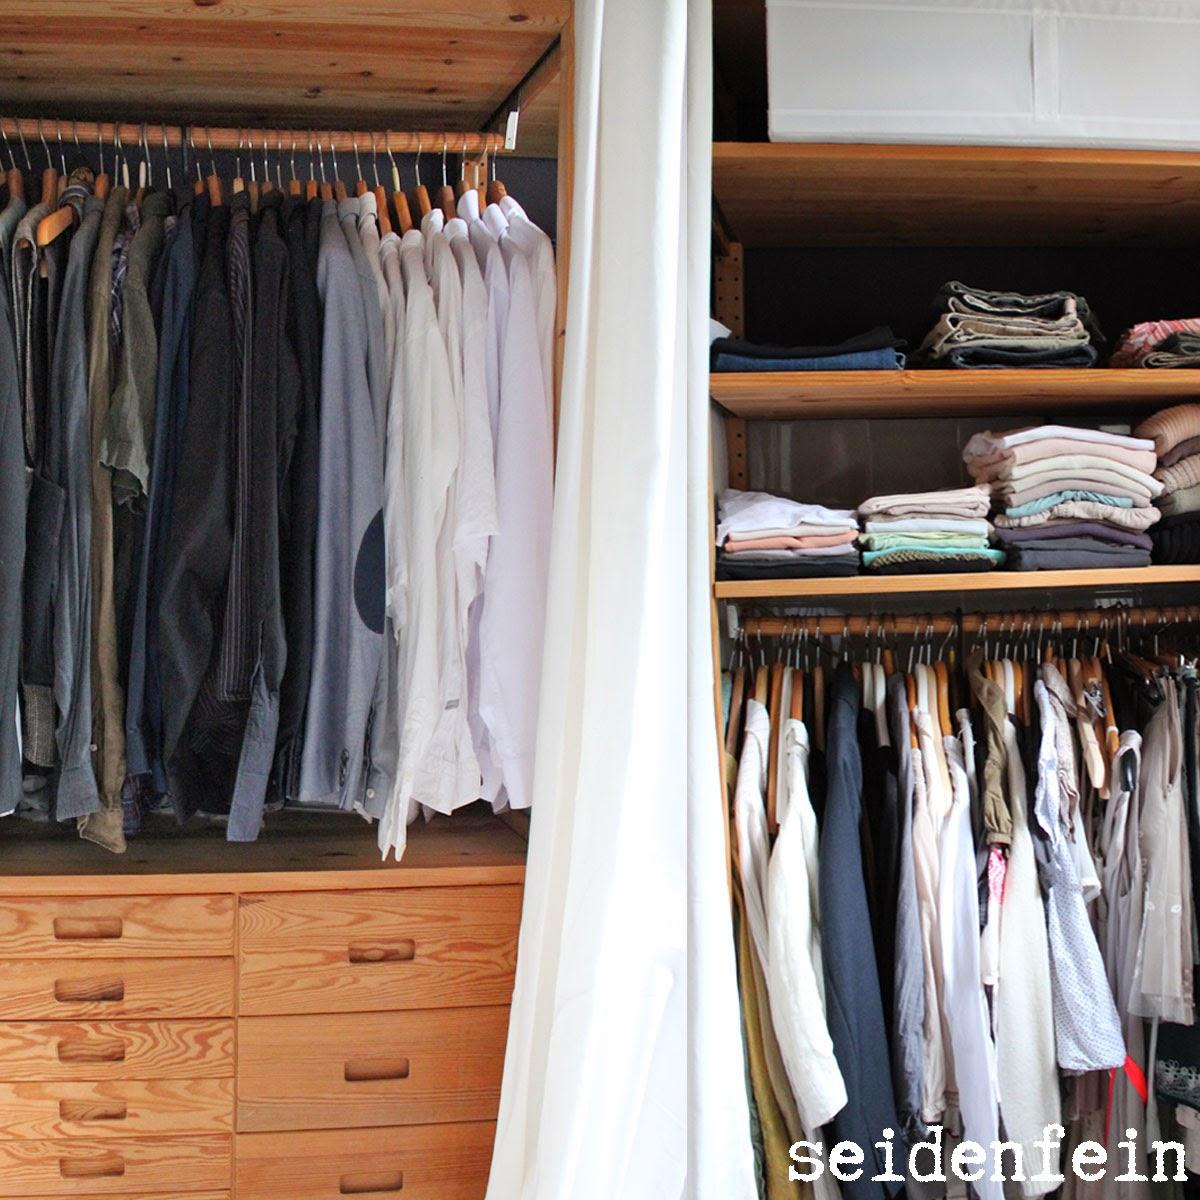 seidenfeins blog vom schönen landleben: ivar kleiderschrank - ikea